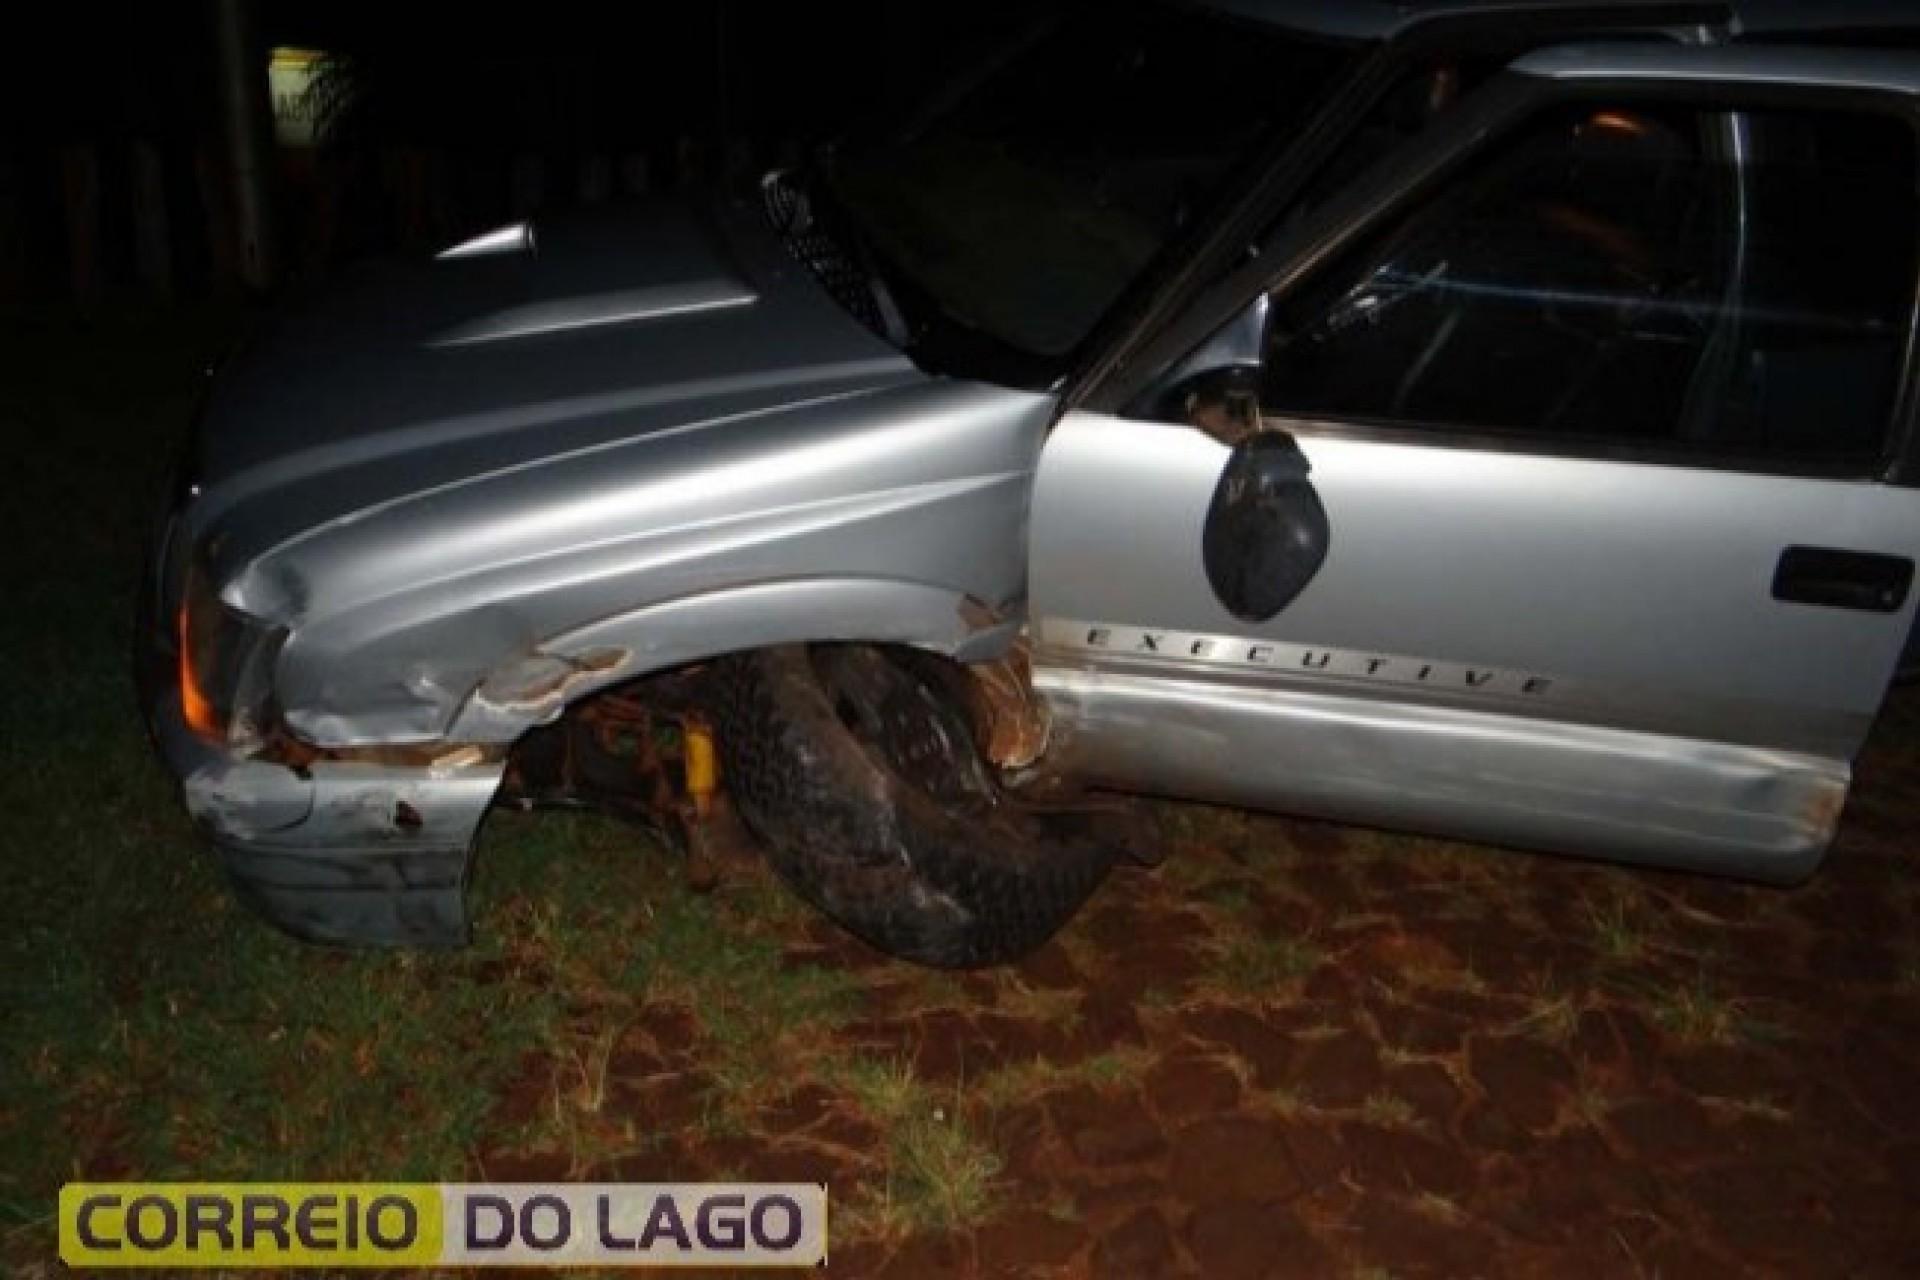 Violenta colisão entre veículos deixa uma pessoa ferida na PR 495